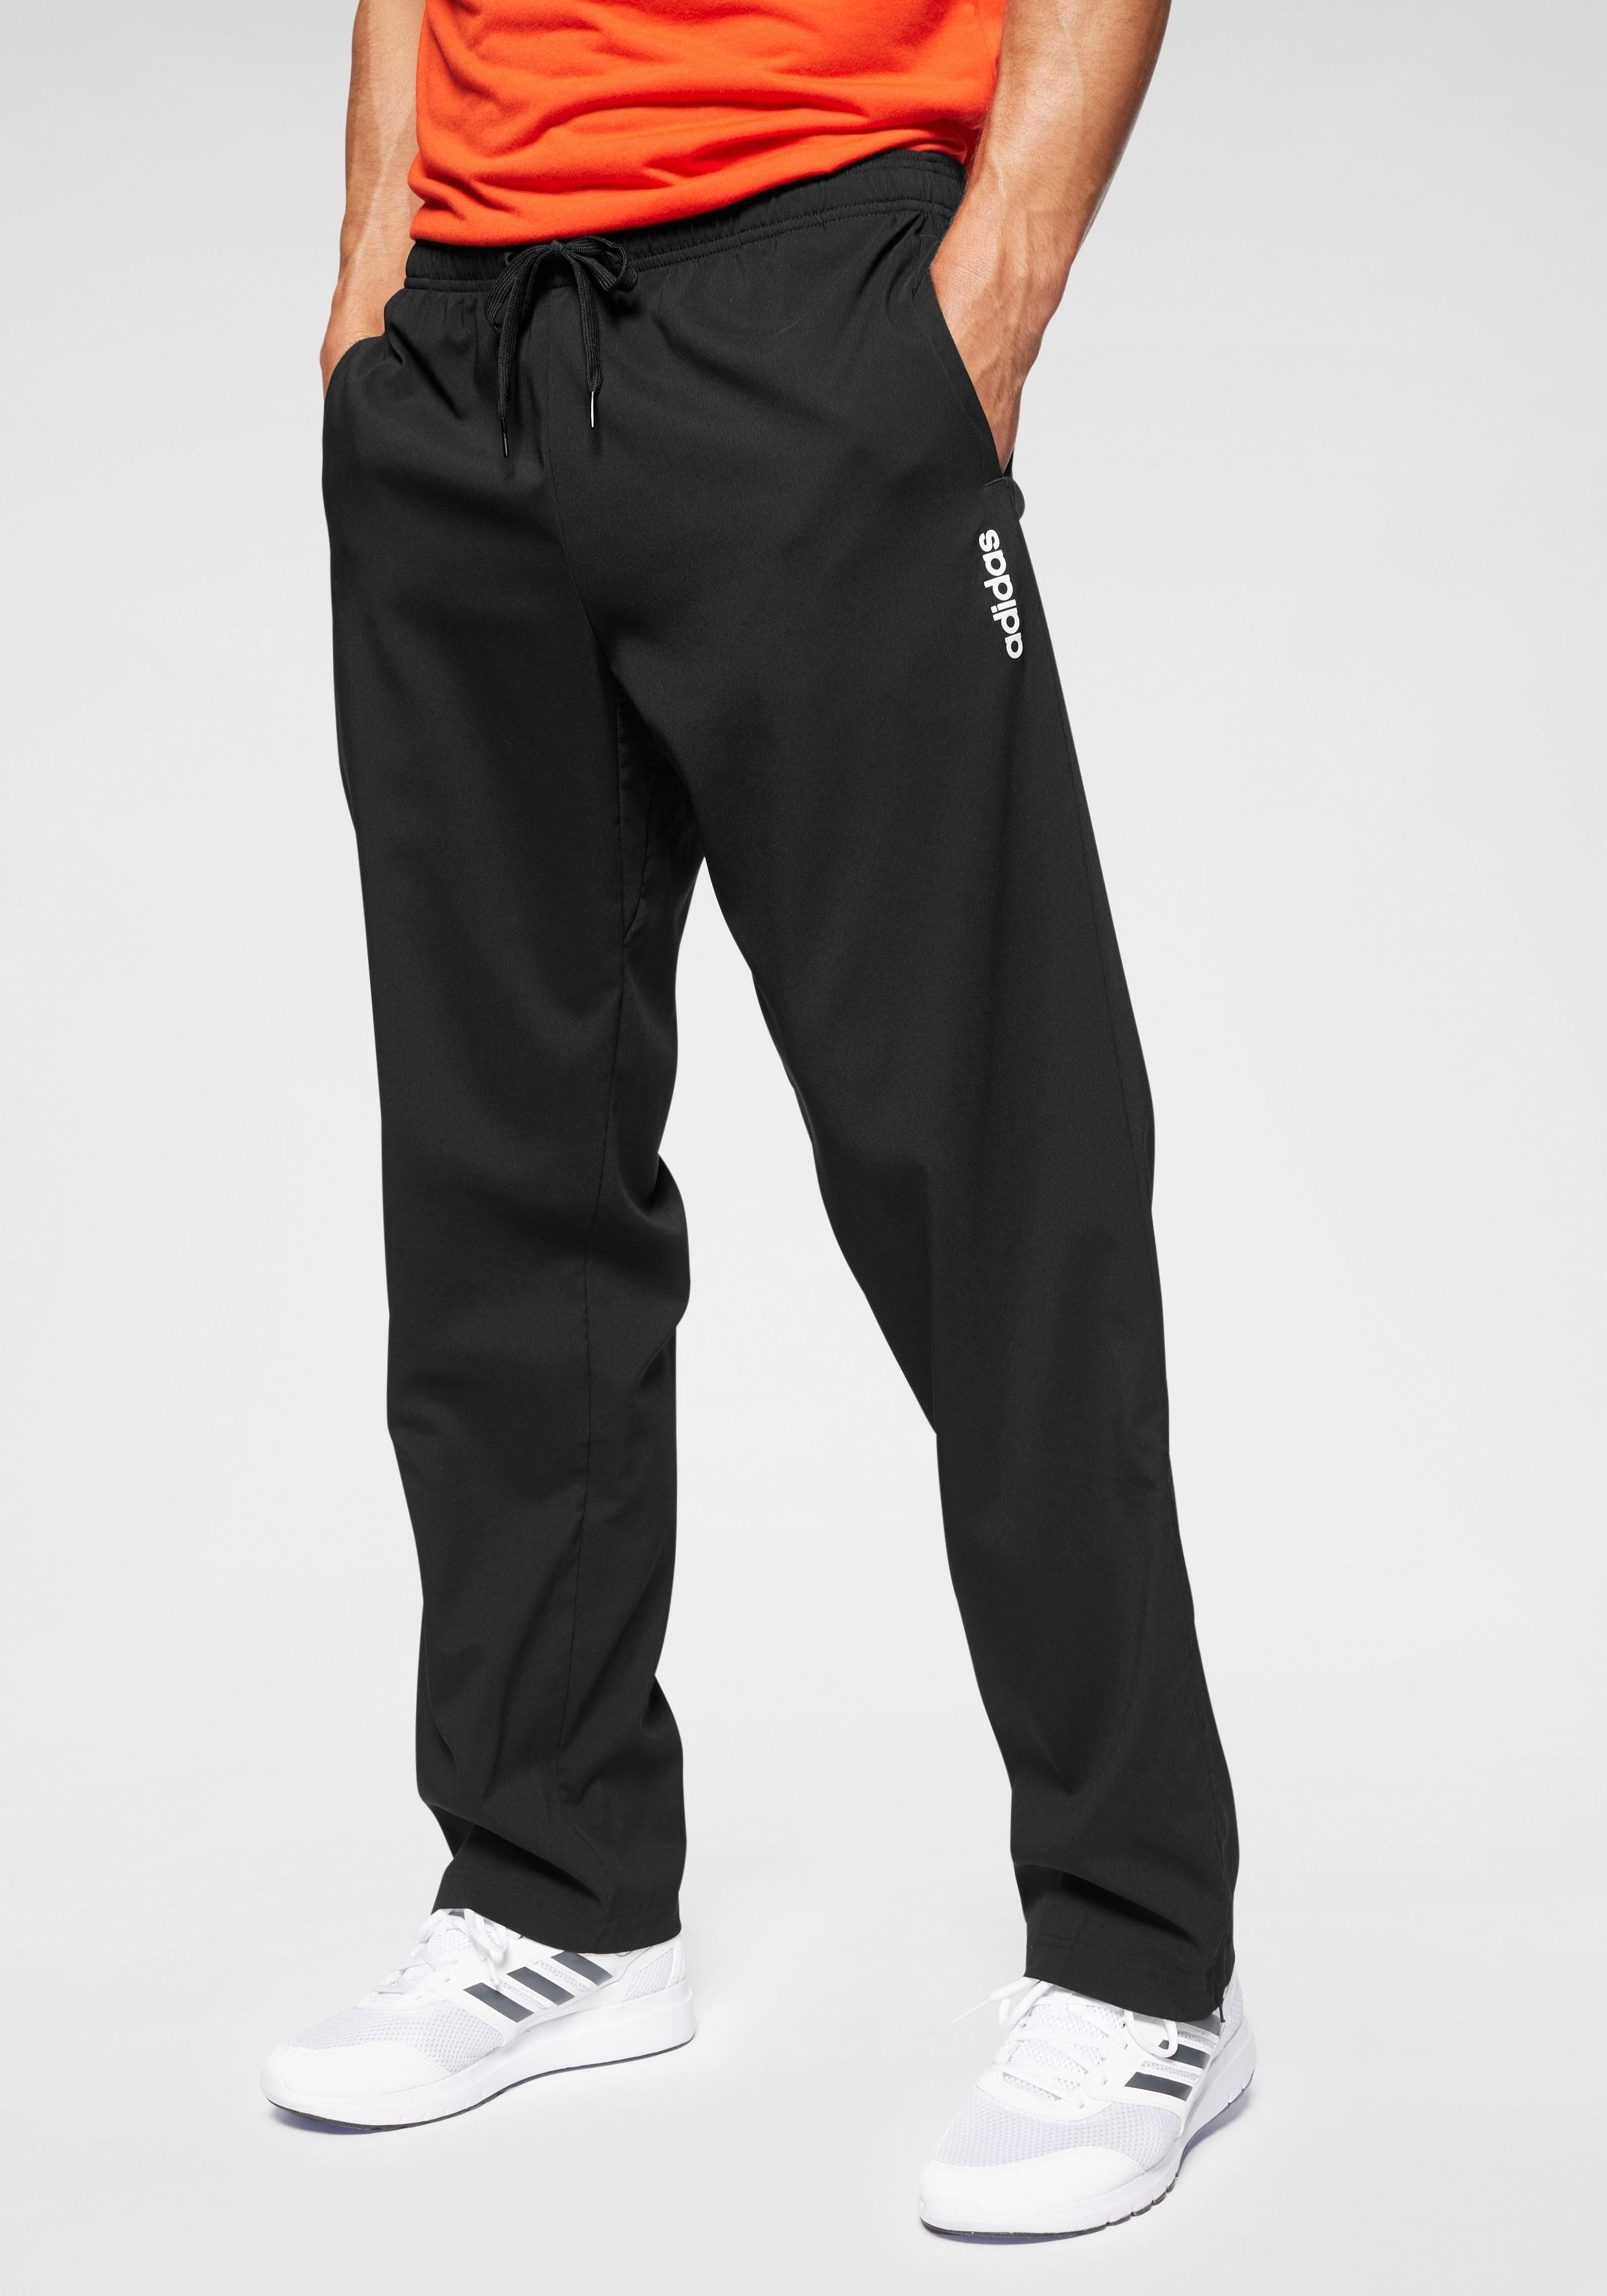 adidas Sporthose »E PLN RO STANFORD« online kaufen | OTTO